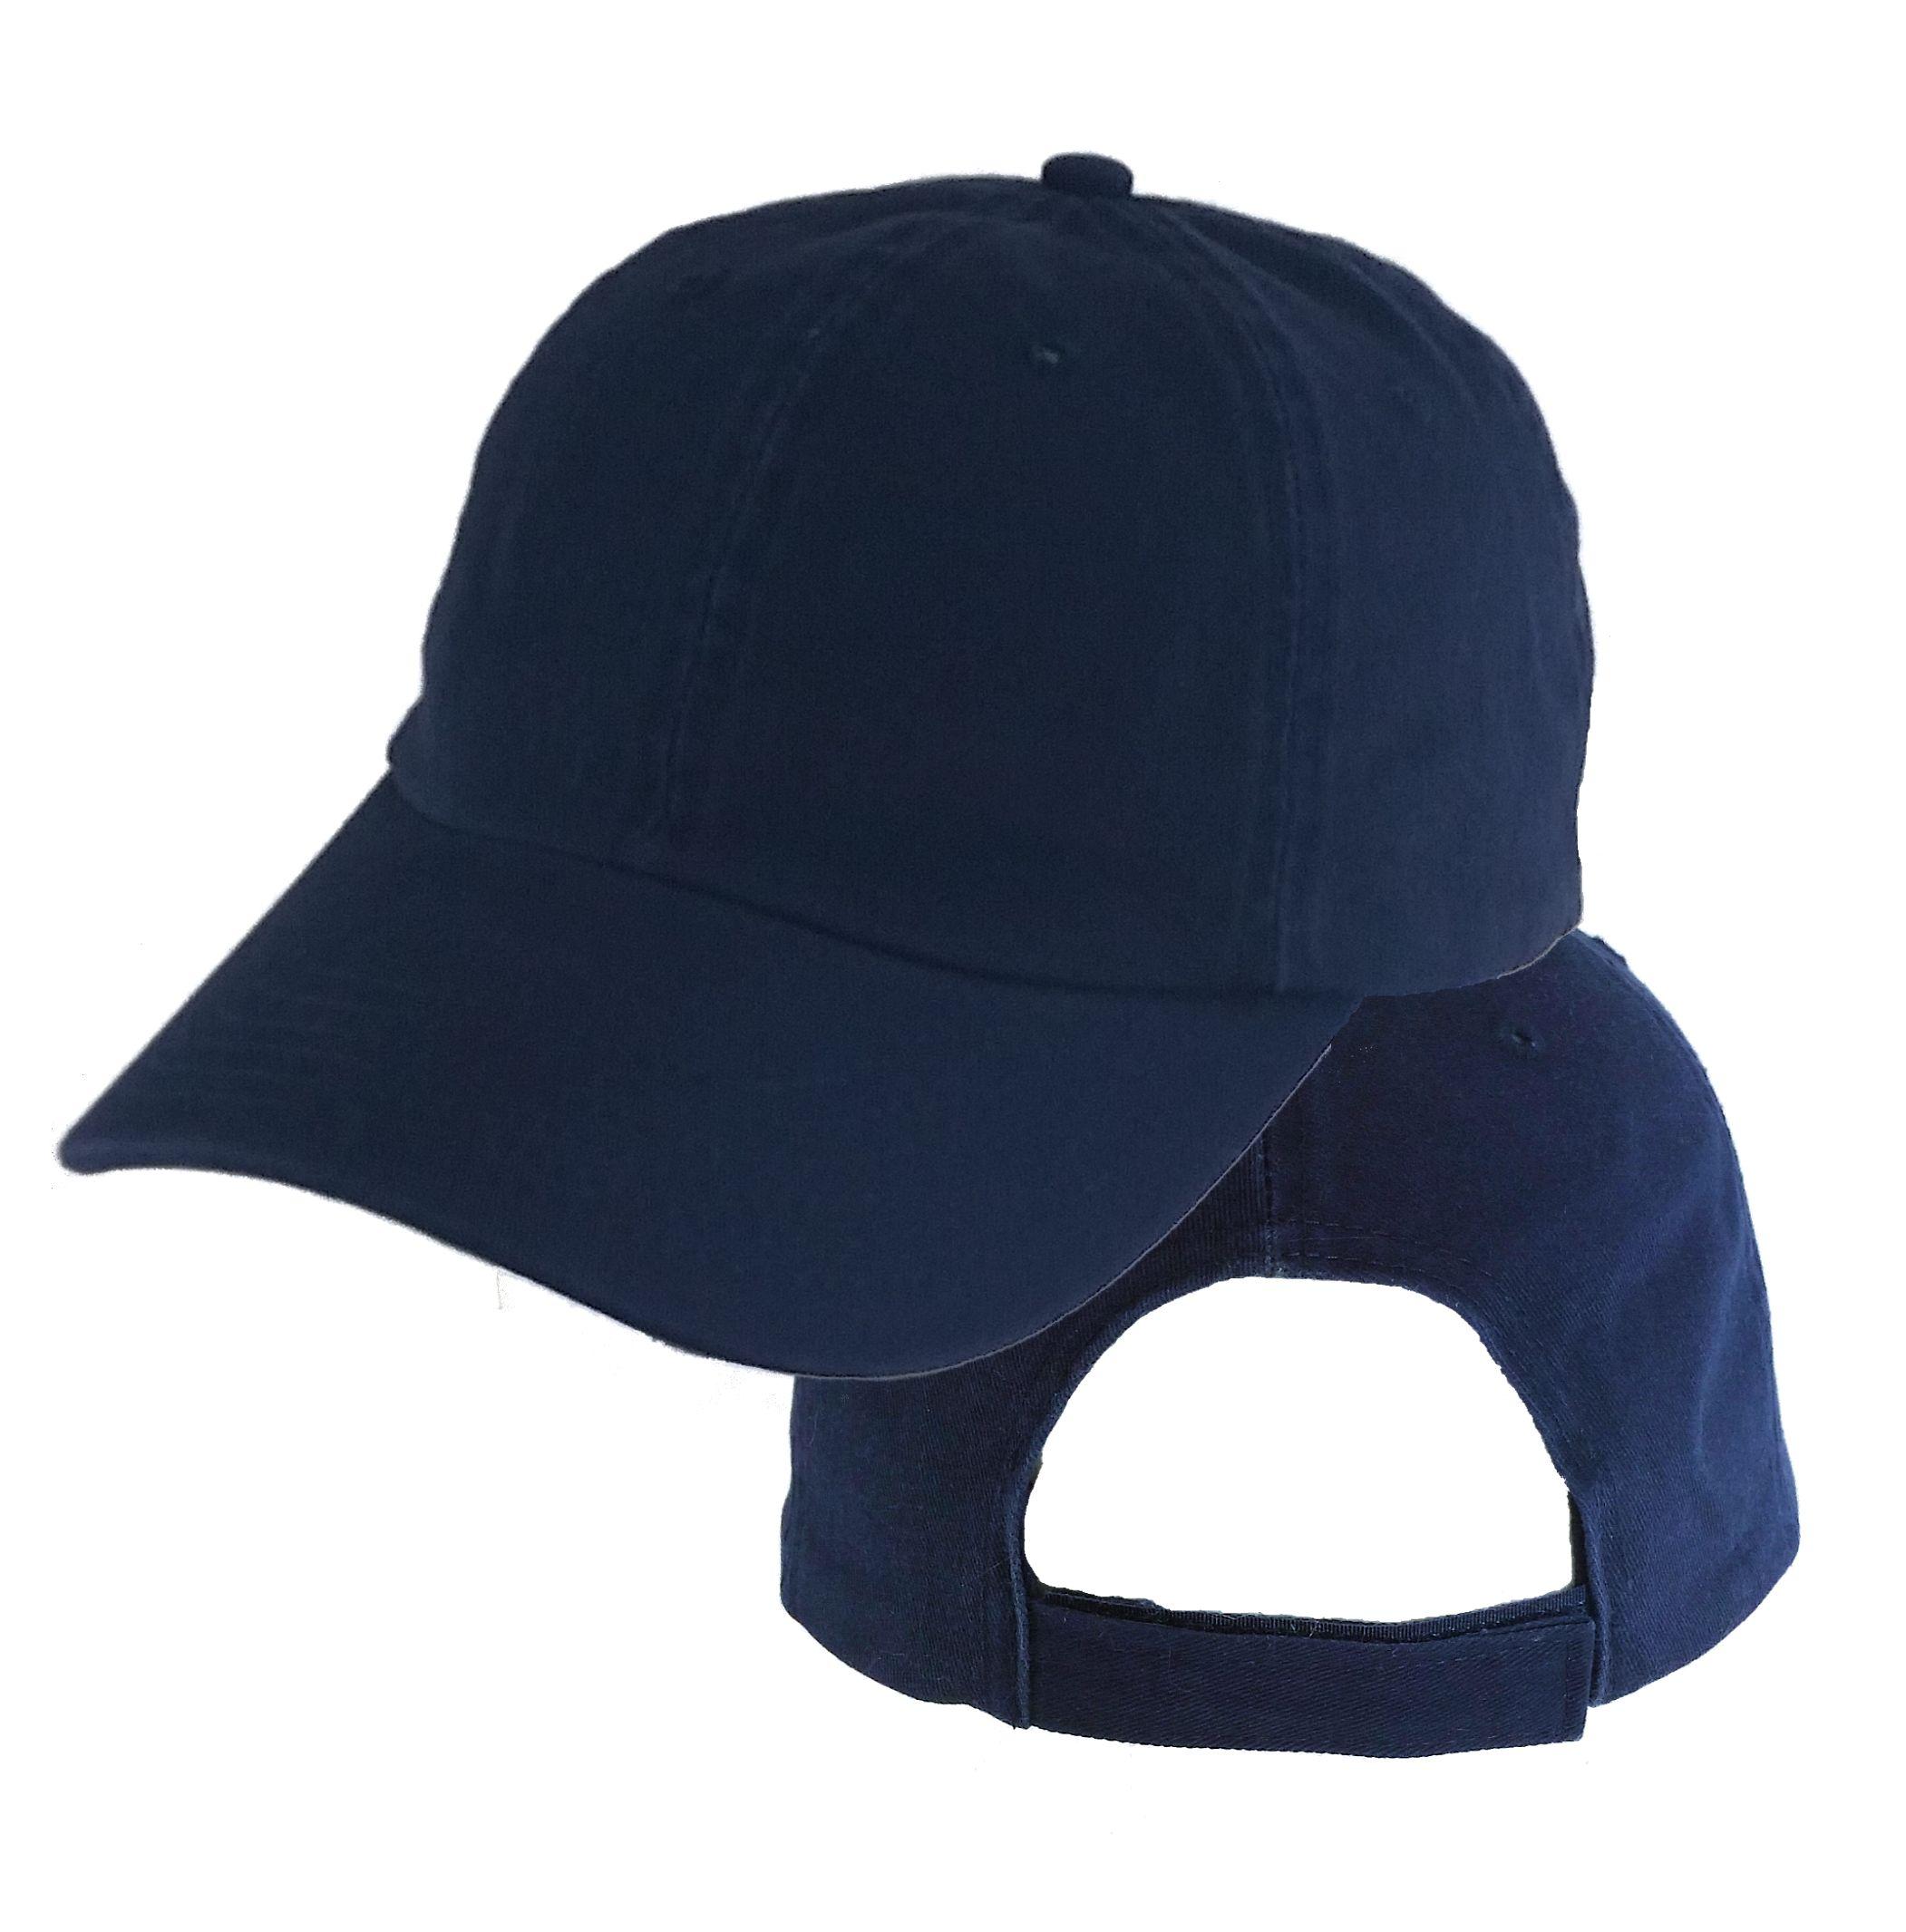 fa38922f387d9 Big Size Navy Low Profile Cap